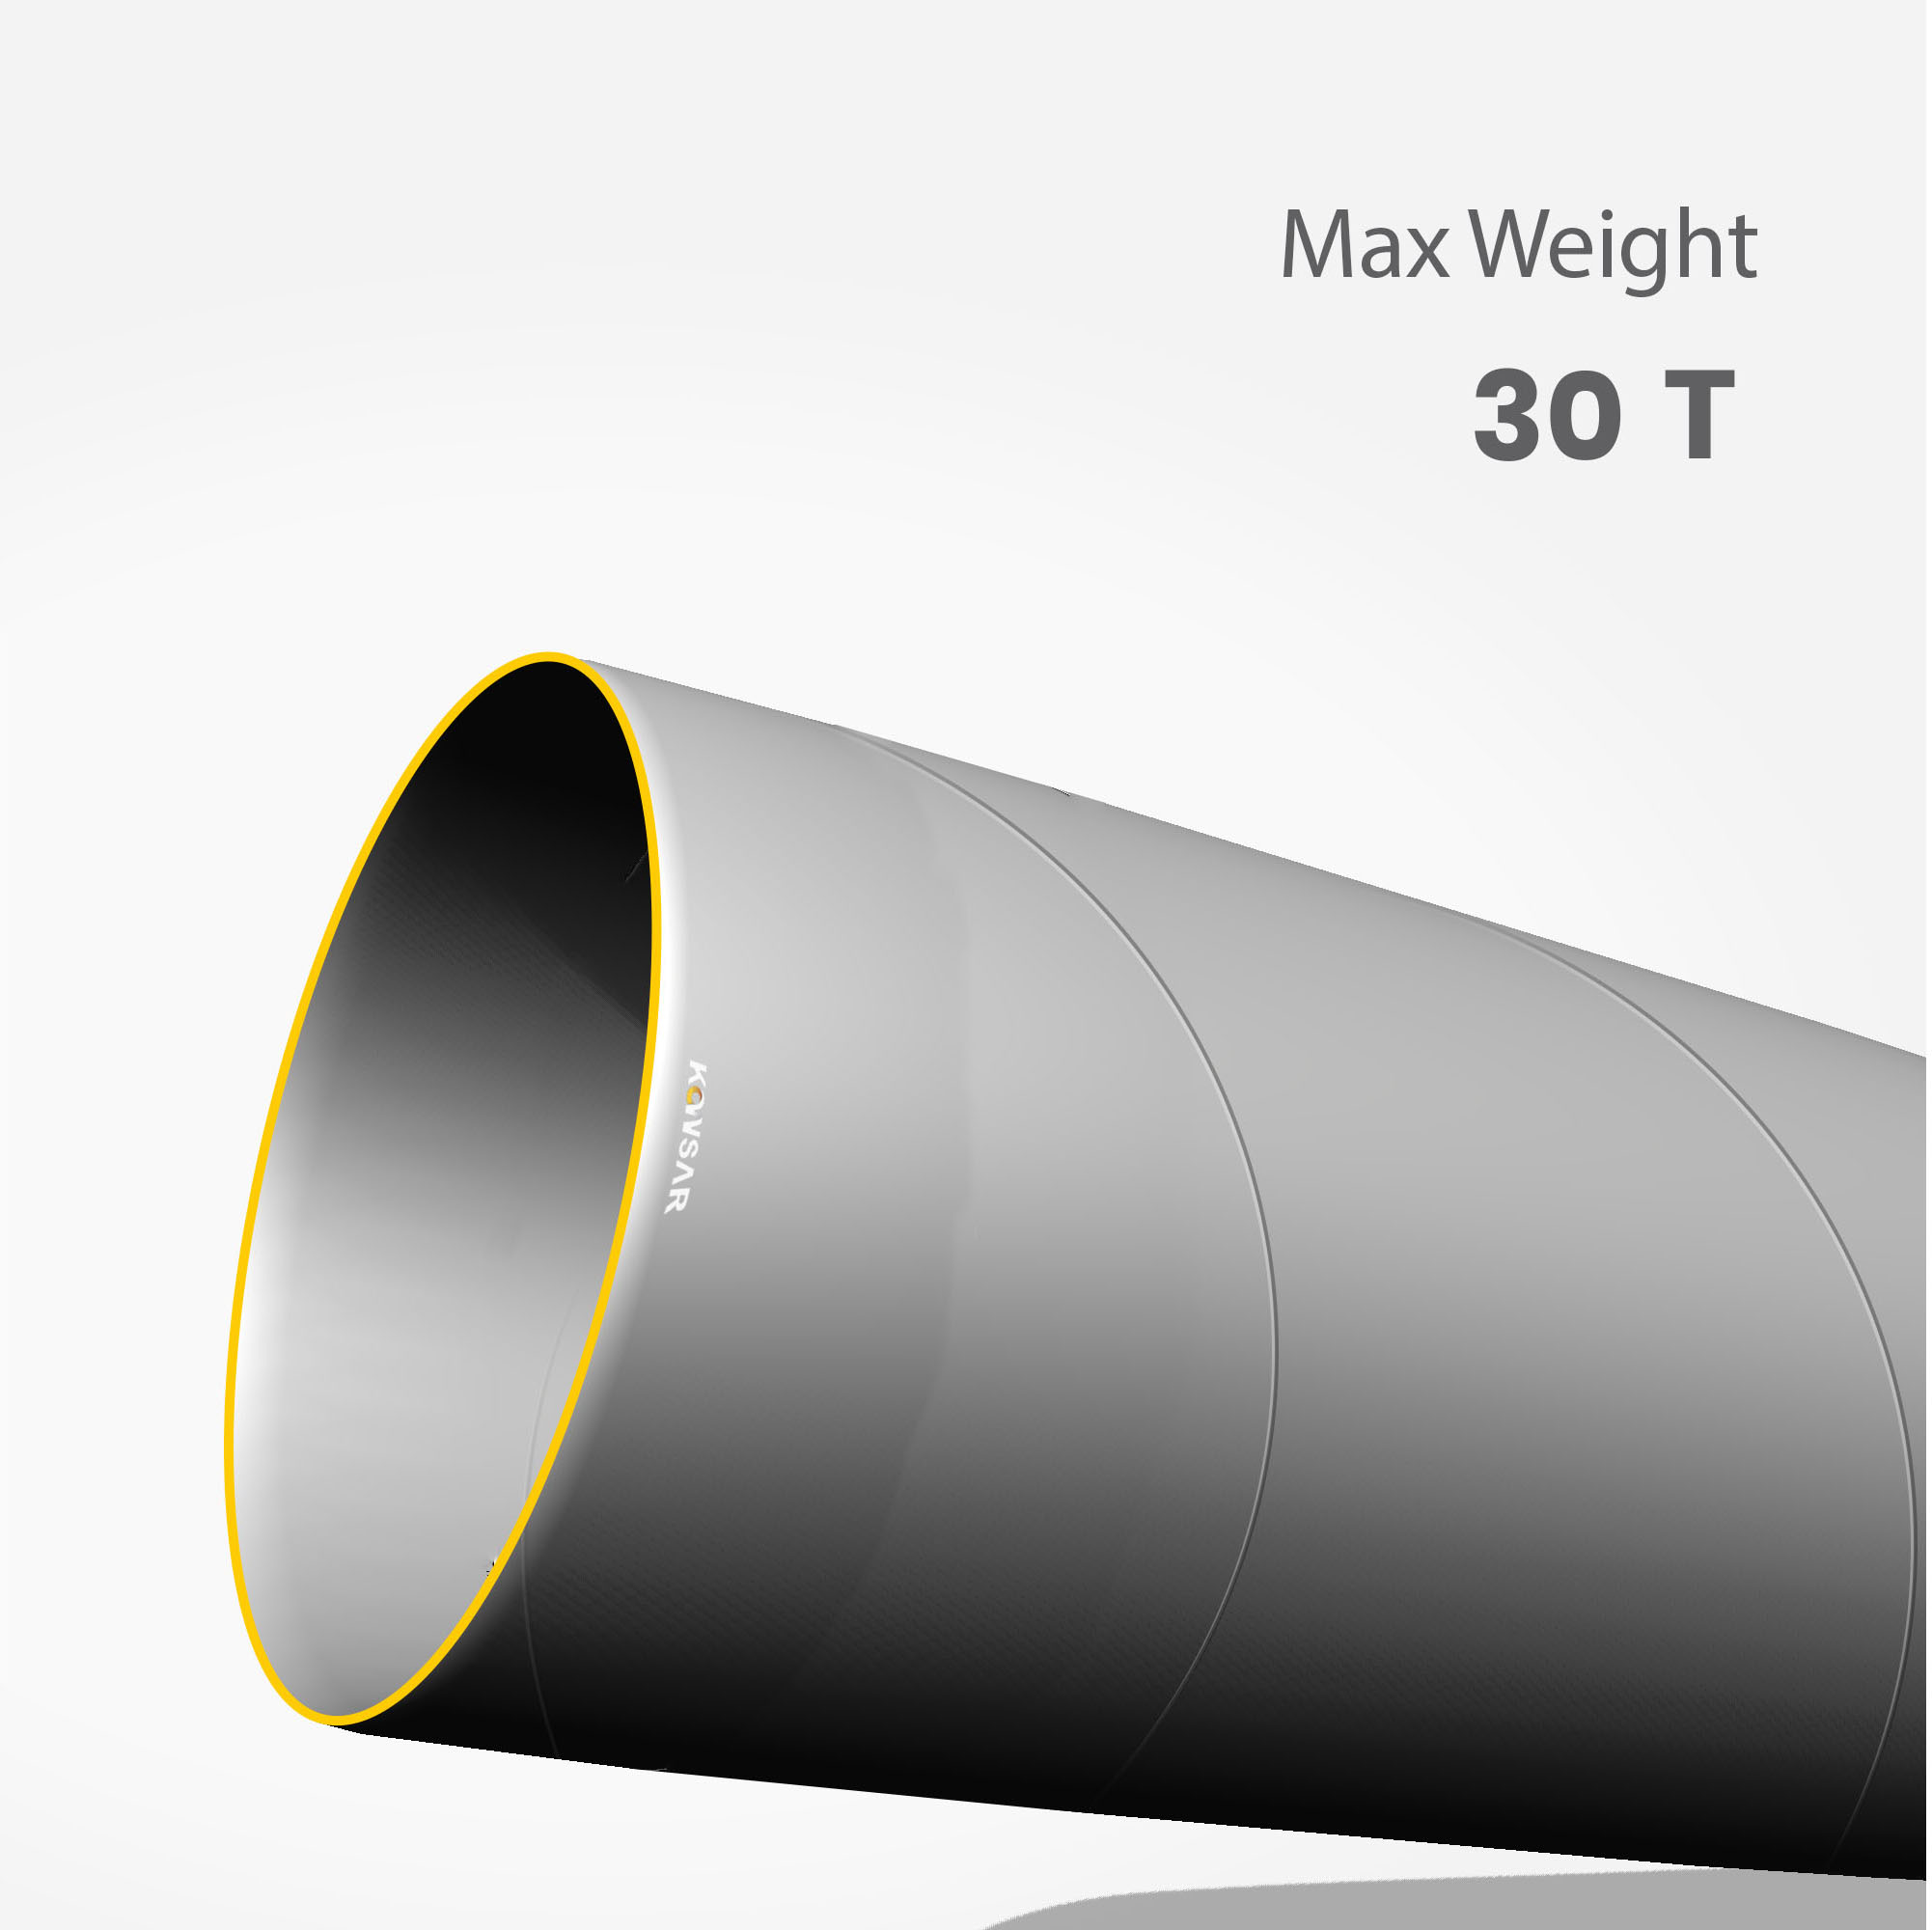 Maxi Weight